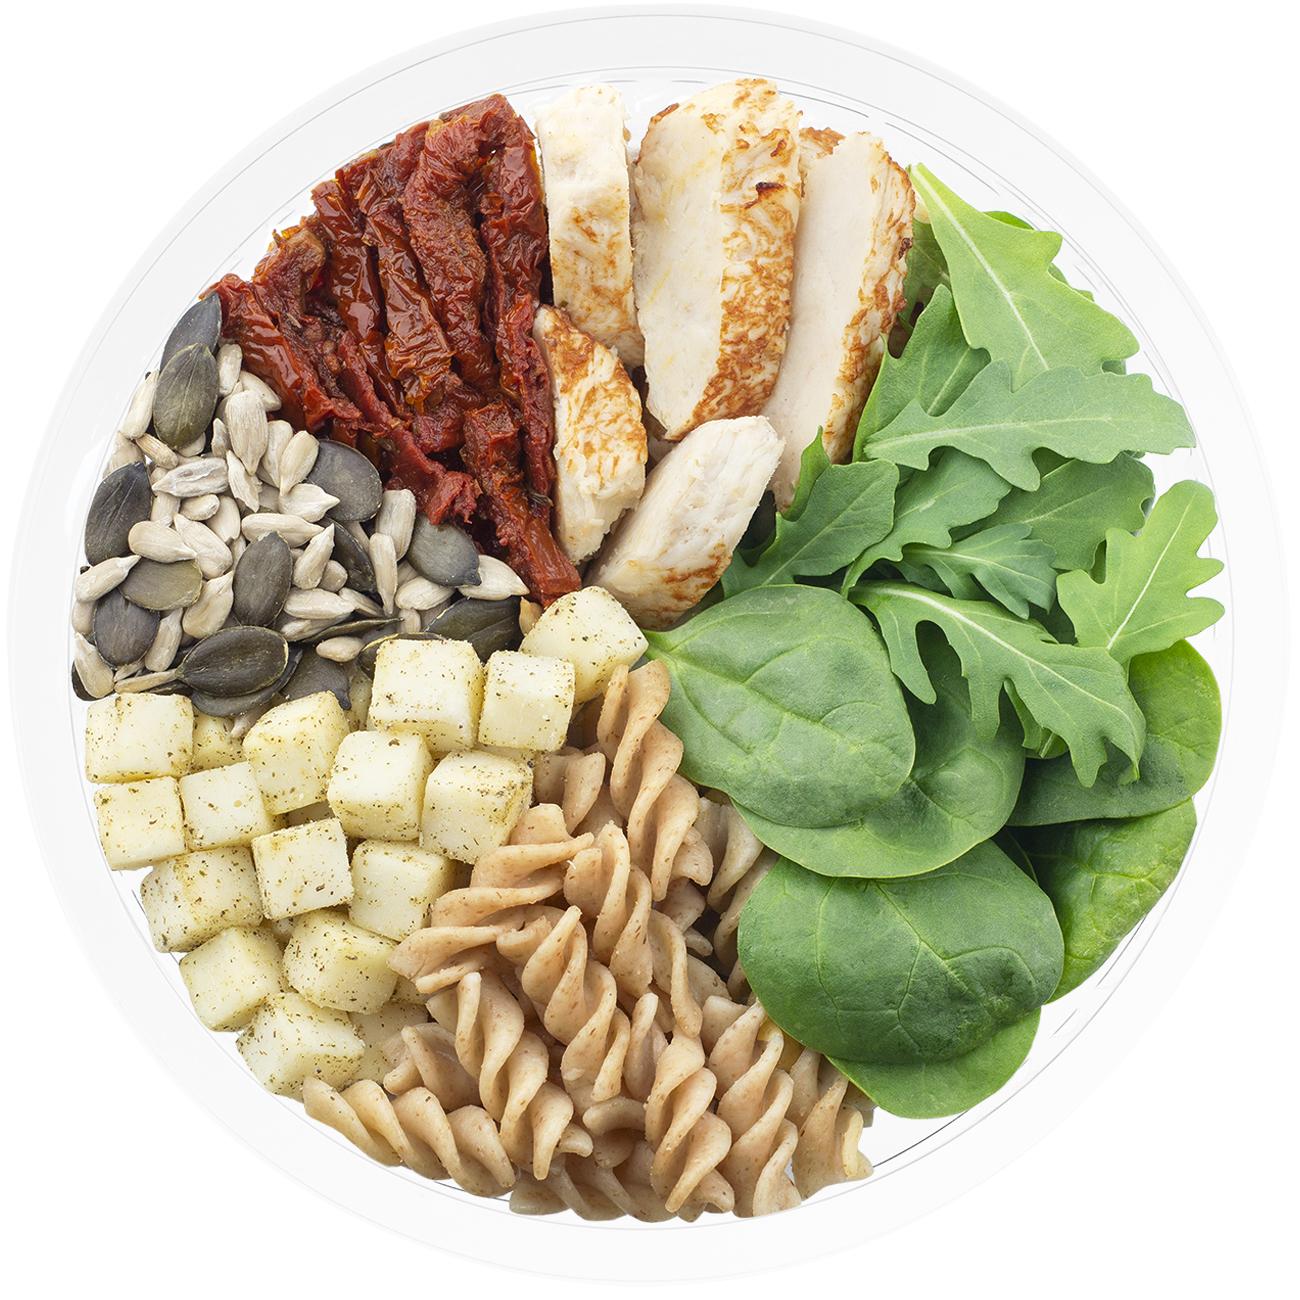 Ensalada completa de pasta integral con brotes de espinaca, pasta integral, tomate en aceite, pollo braseado, queso finas hierbas, pipas de calabaza, semillas de girasol, brote de rucula y vinagreta con finas hierbas